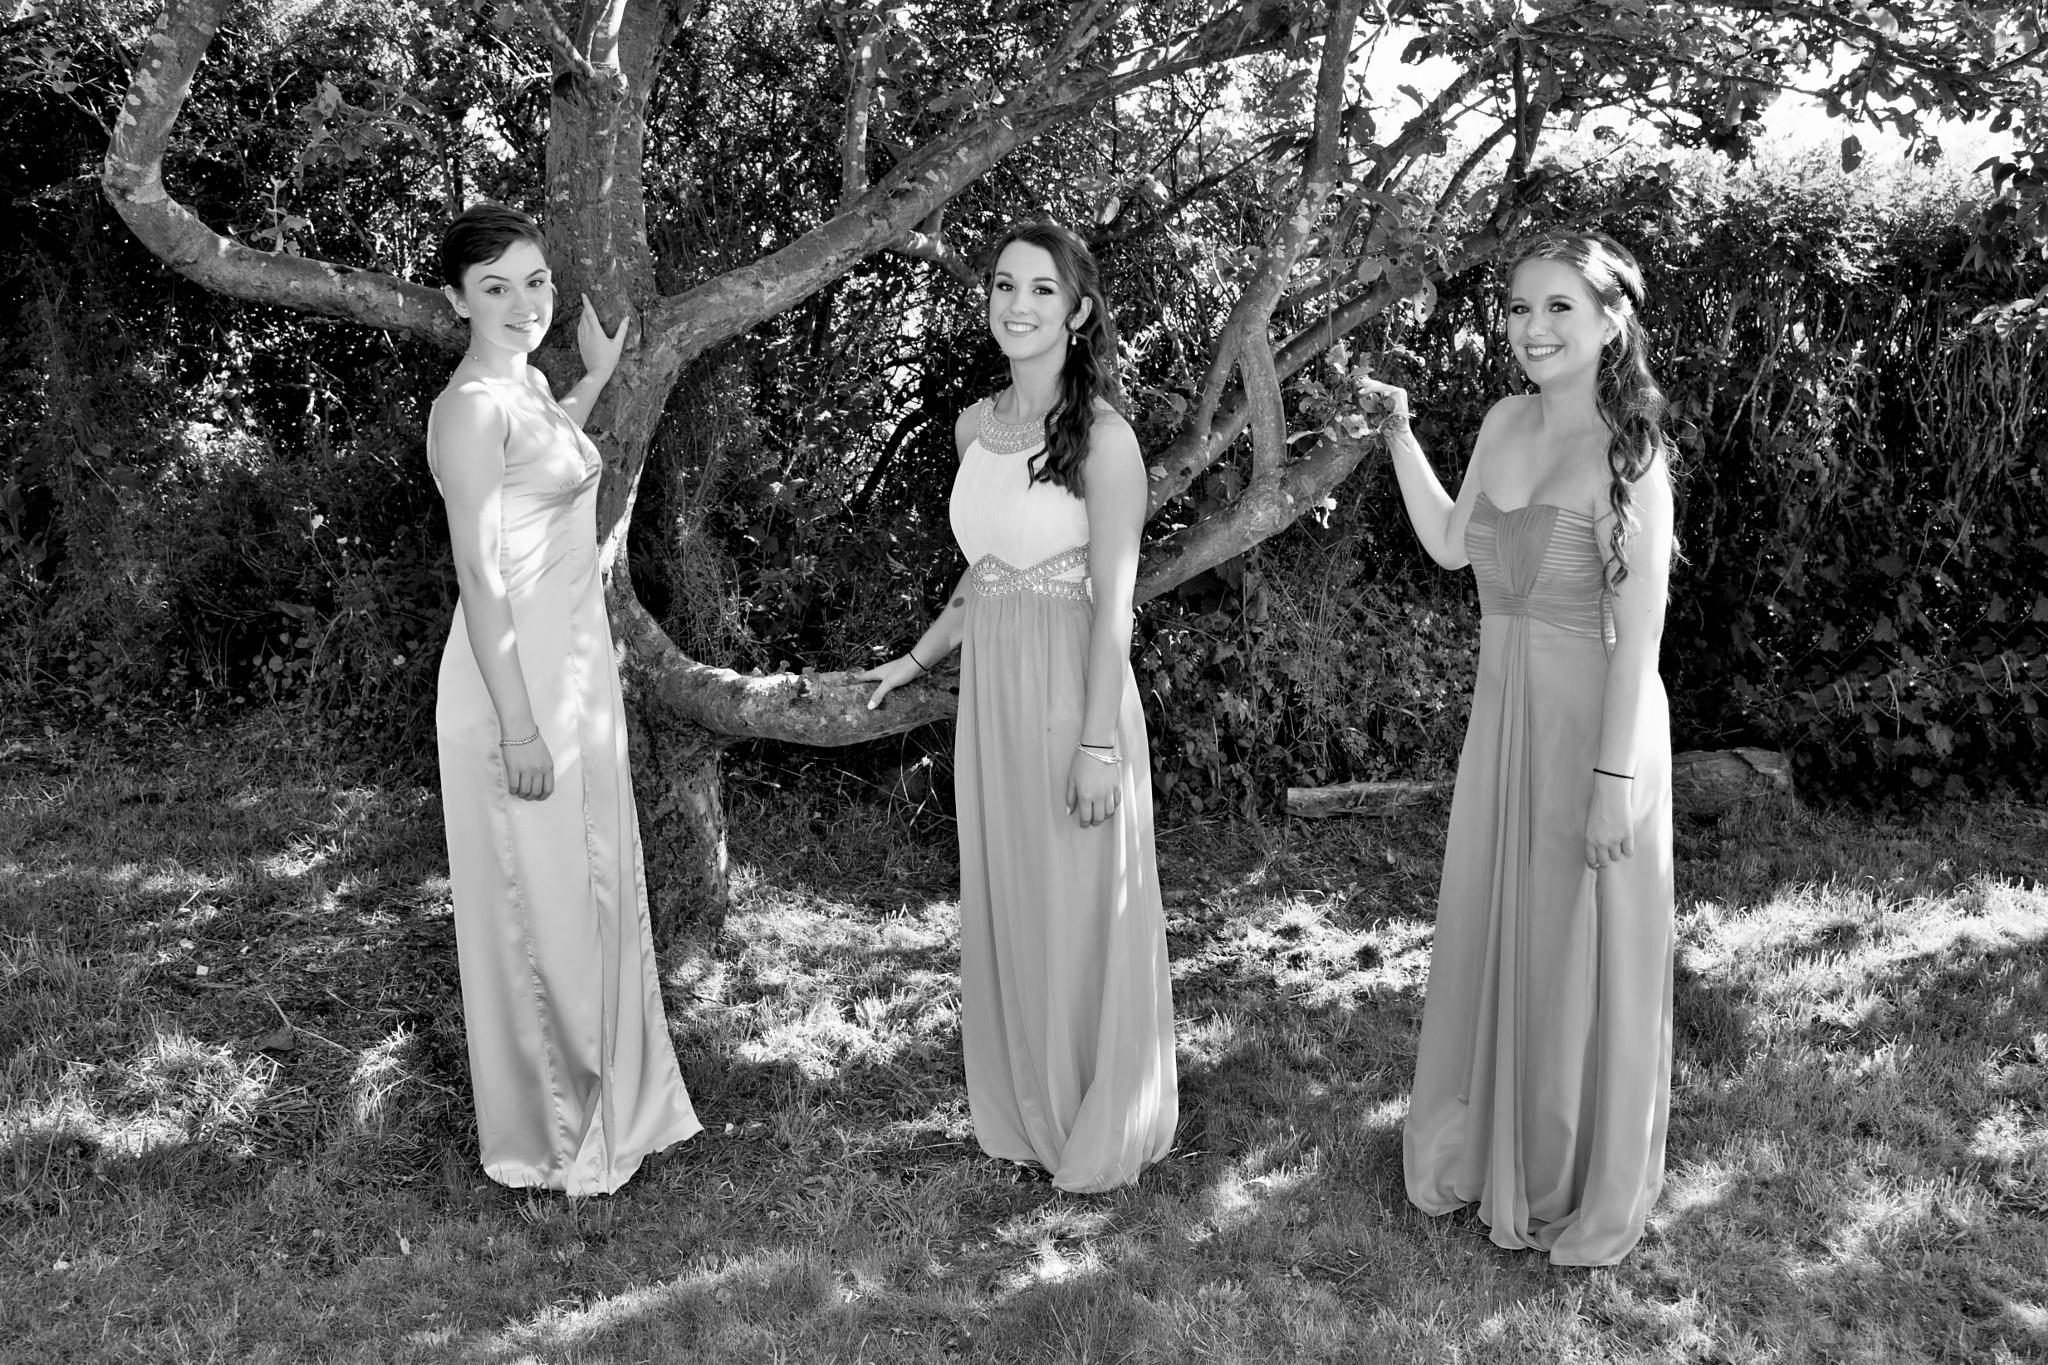 Prom - Three Beside A Tree - Monochrome by paul.hosker